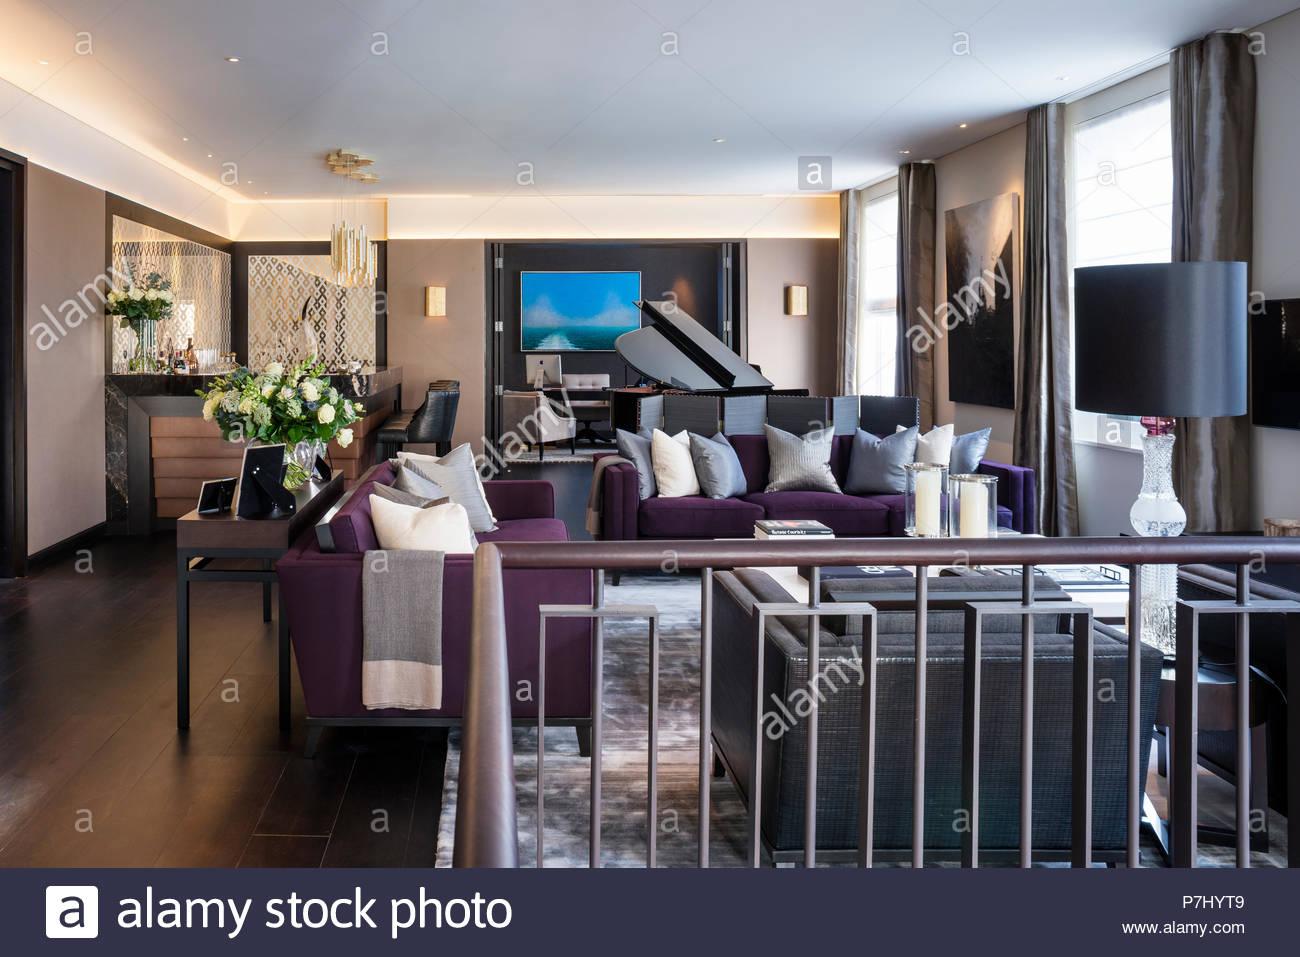 Modernes Wohnzimmer mit dunklen Möbeln Stockfoto, Bild ...